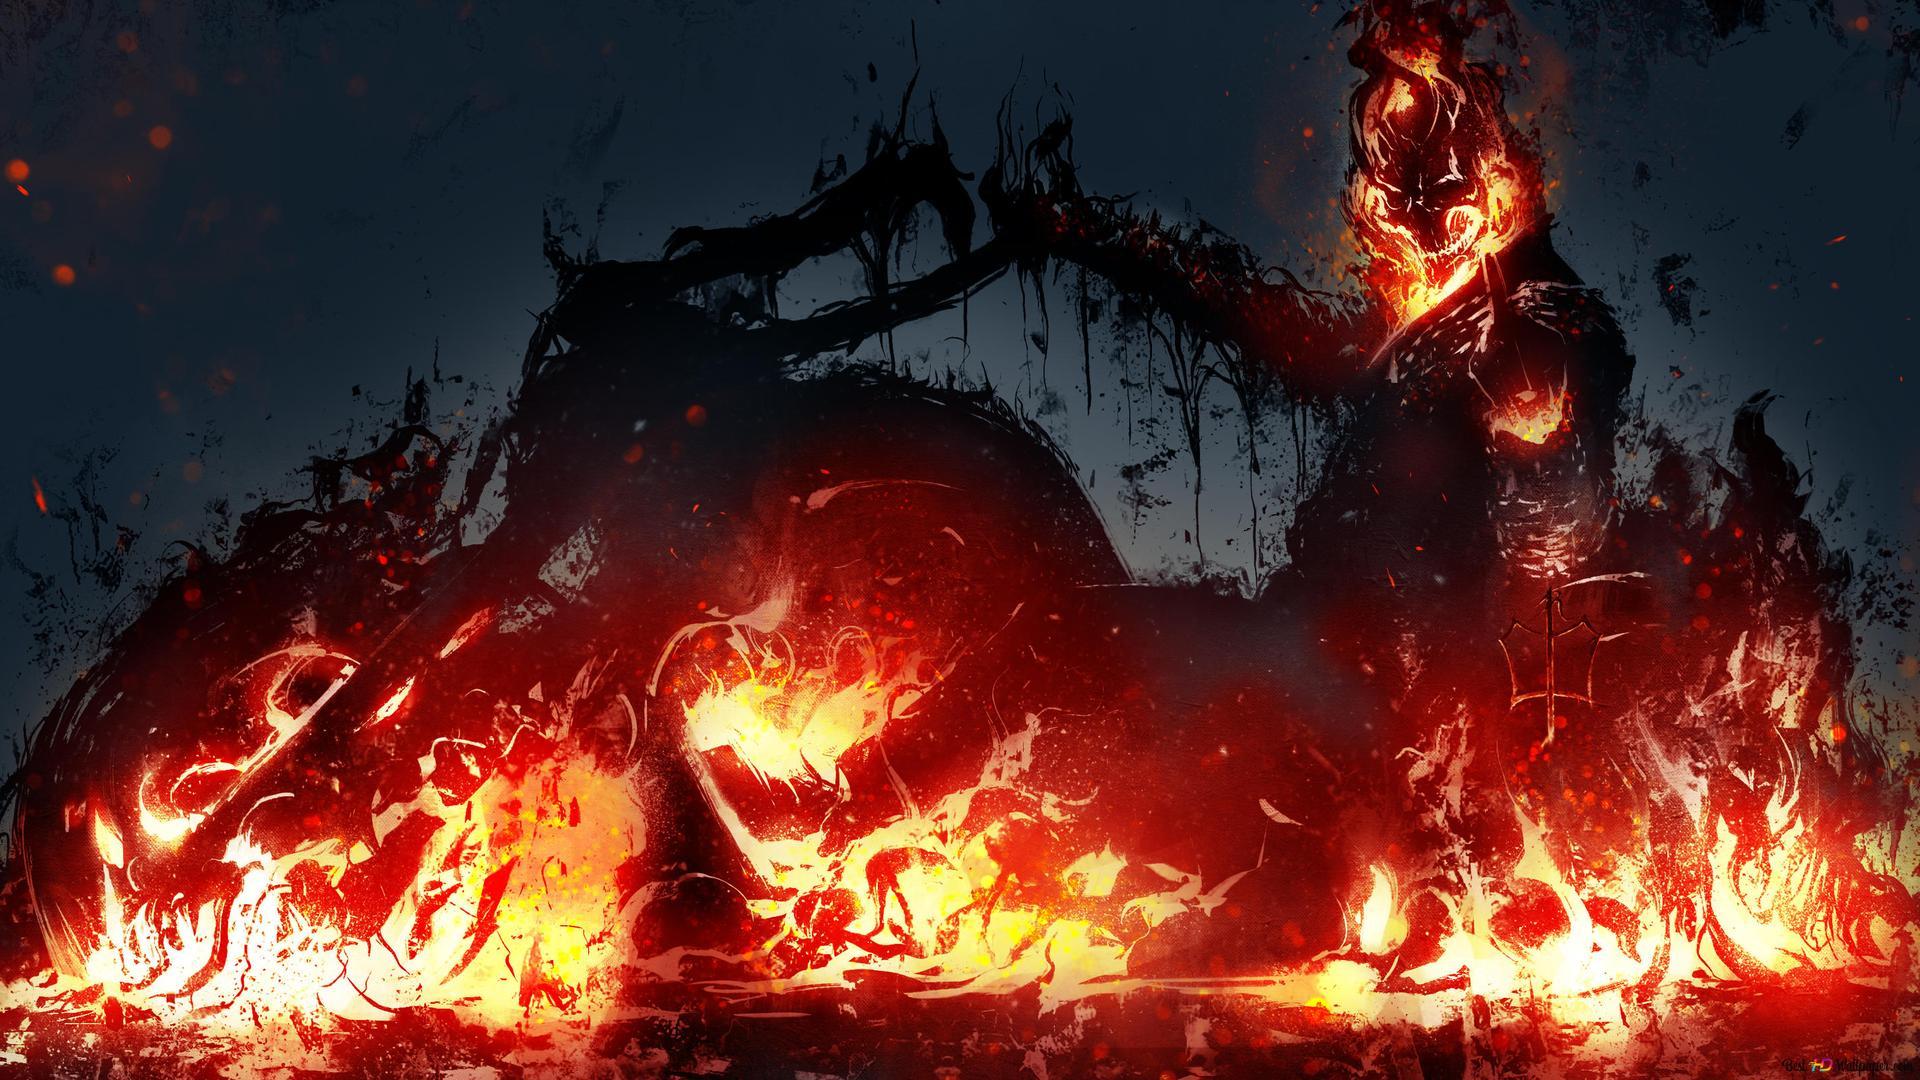 Ghost Rider Movie Fire Skull Digital Art Hd Wallpaper